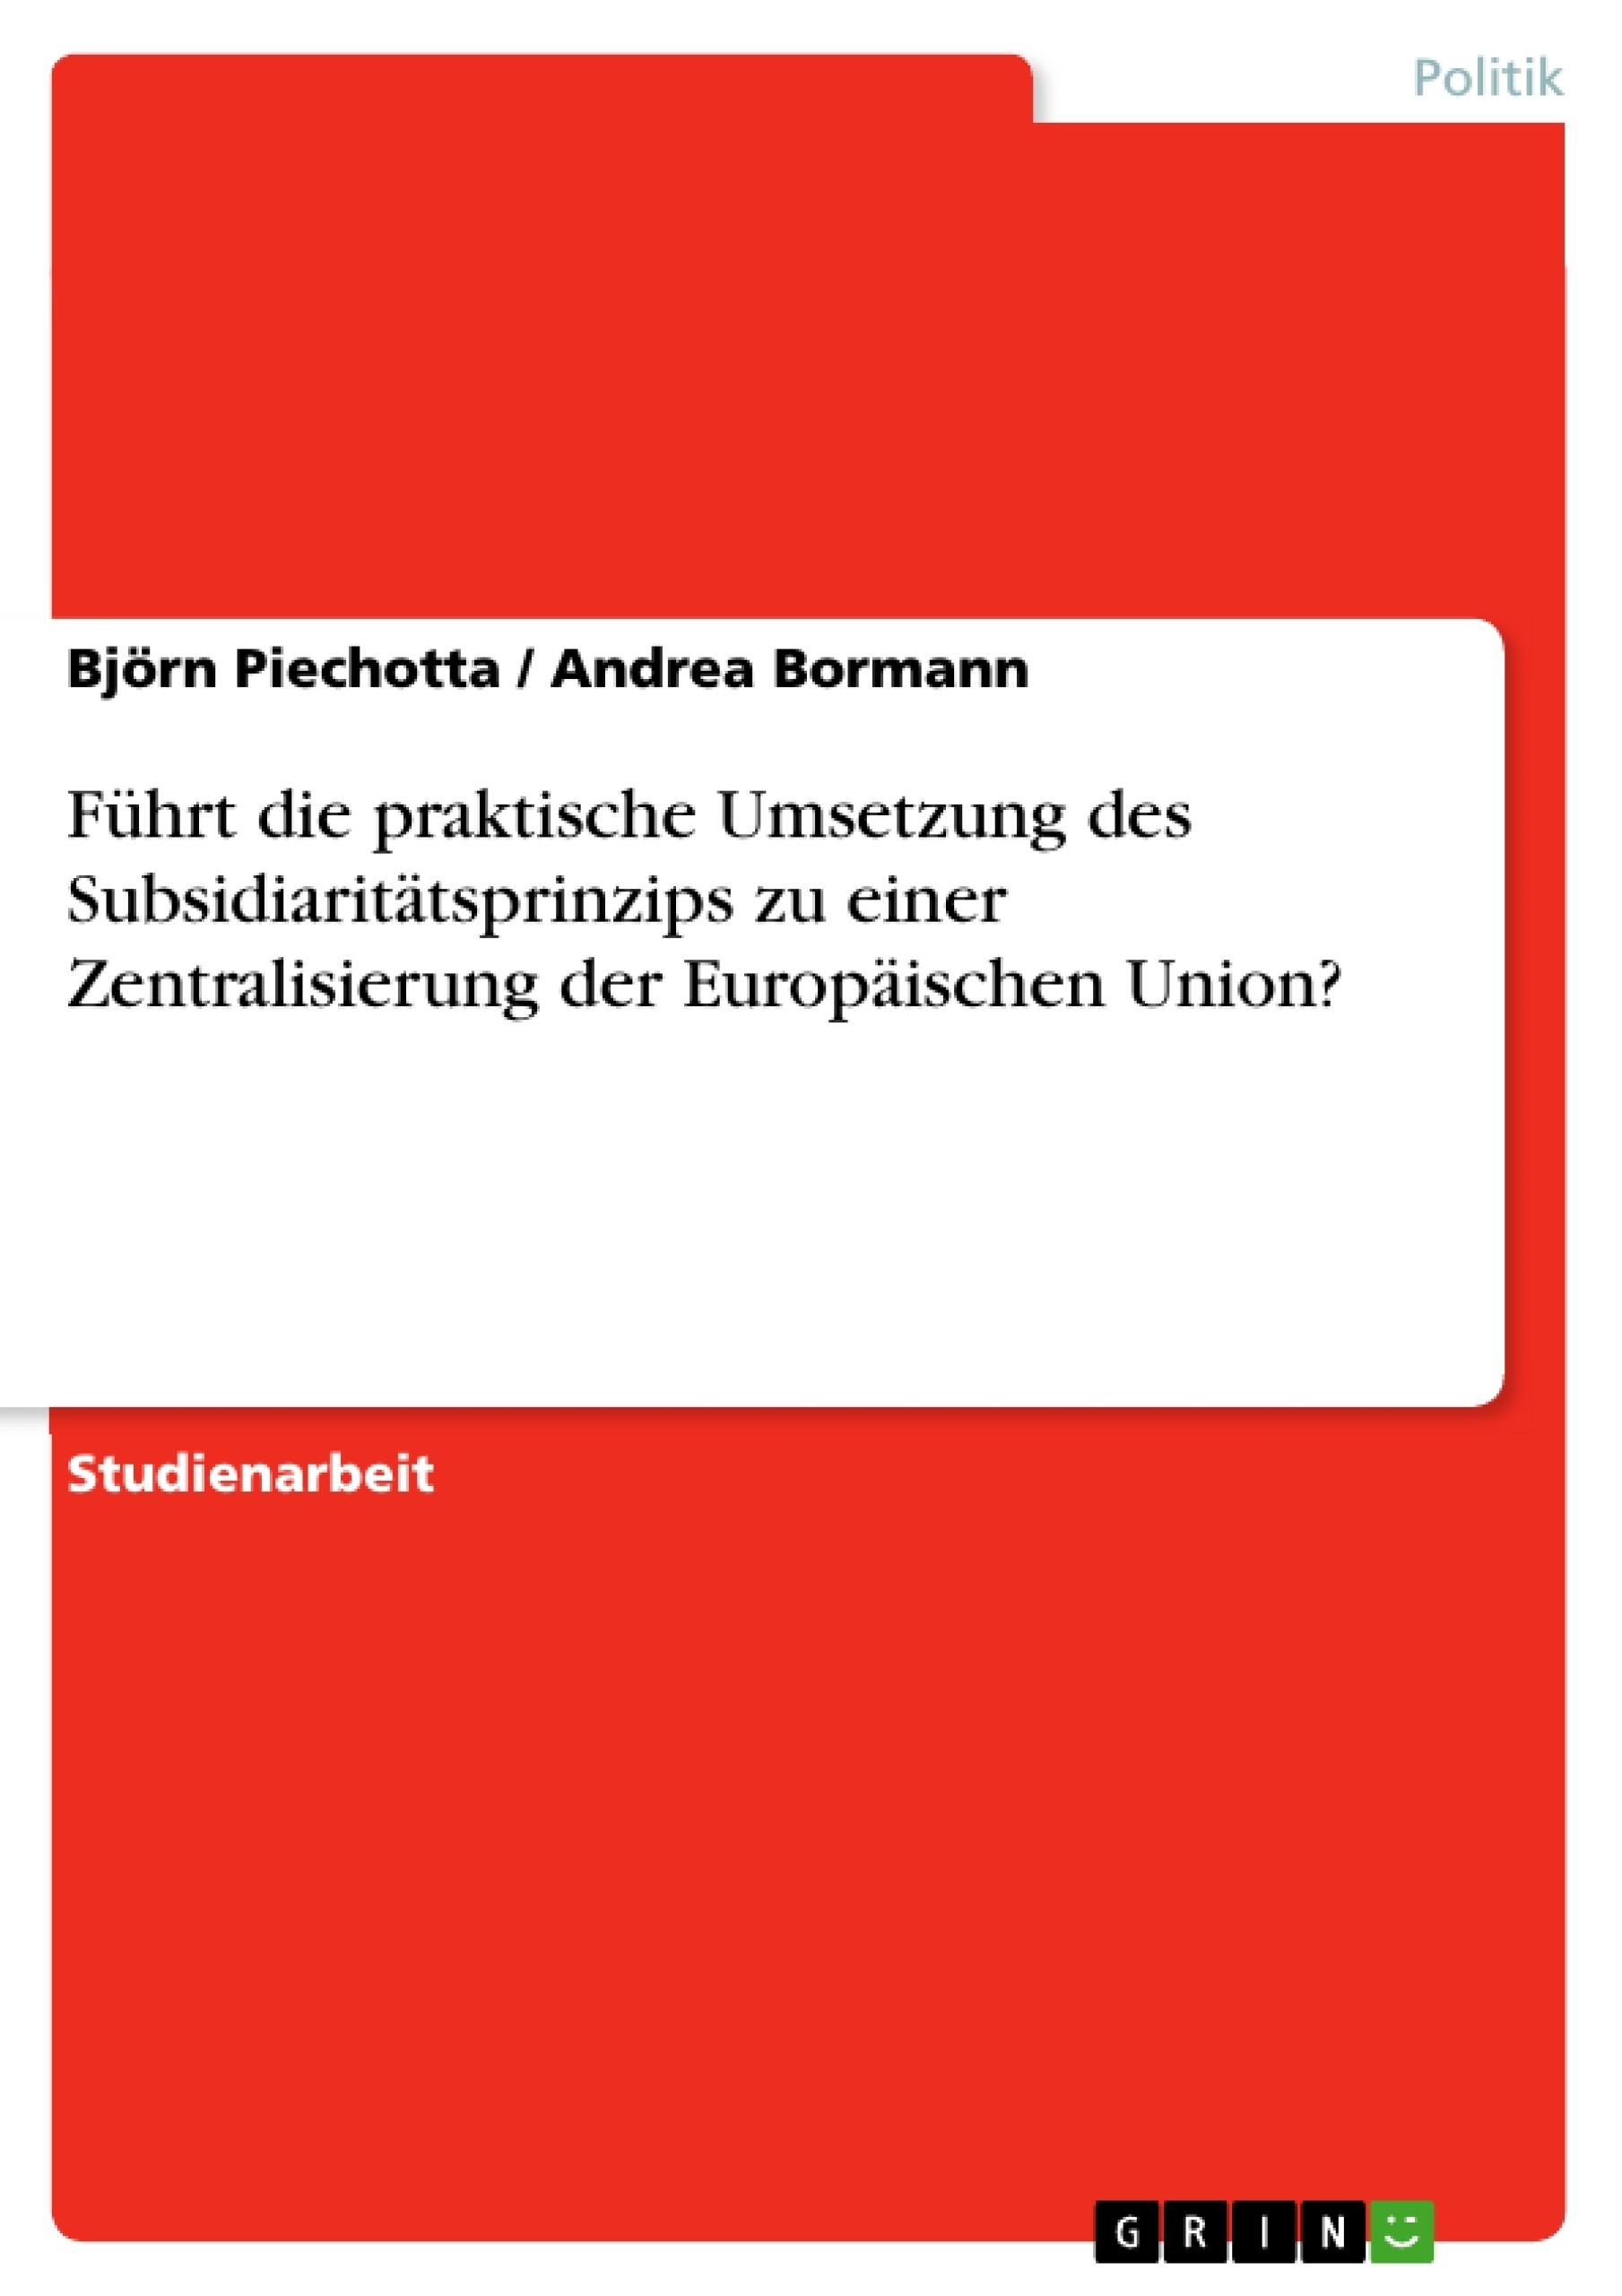 Titel: Führt die praktische Umsetzung des Subsidiaritätsprinzips zu einer Zentralisierung der Europäischen Union?